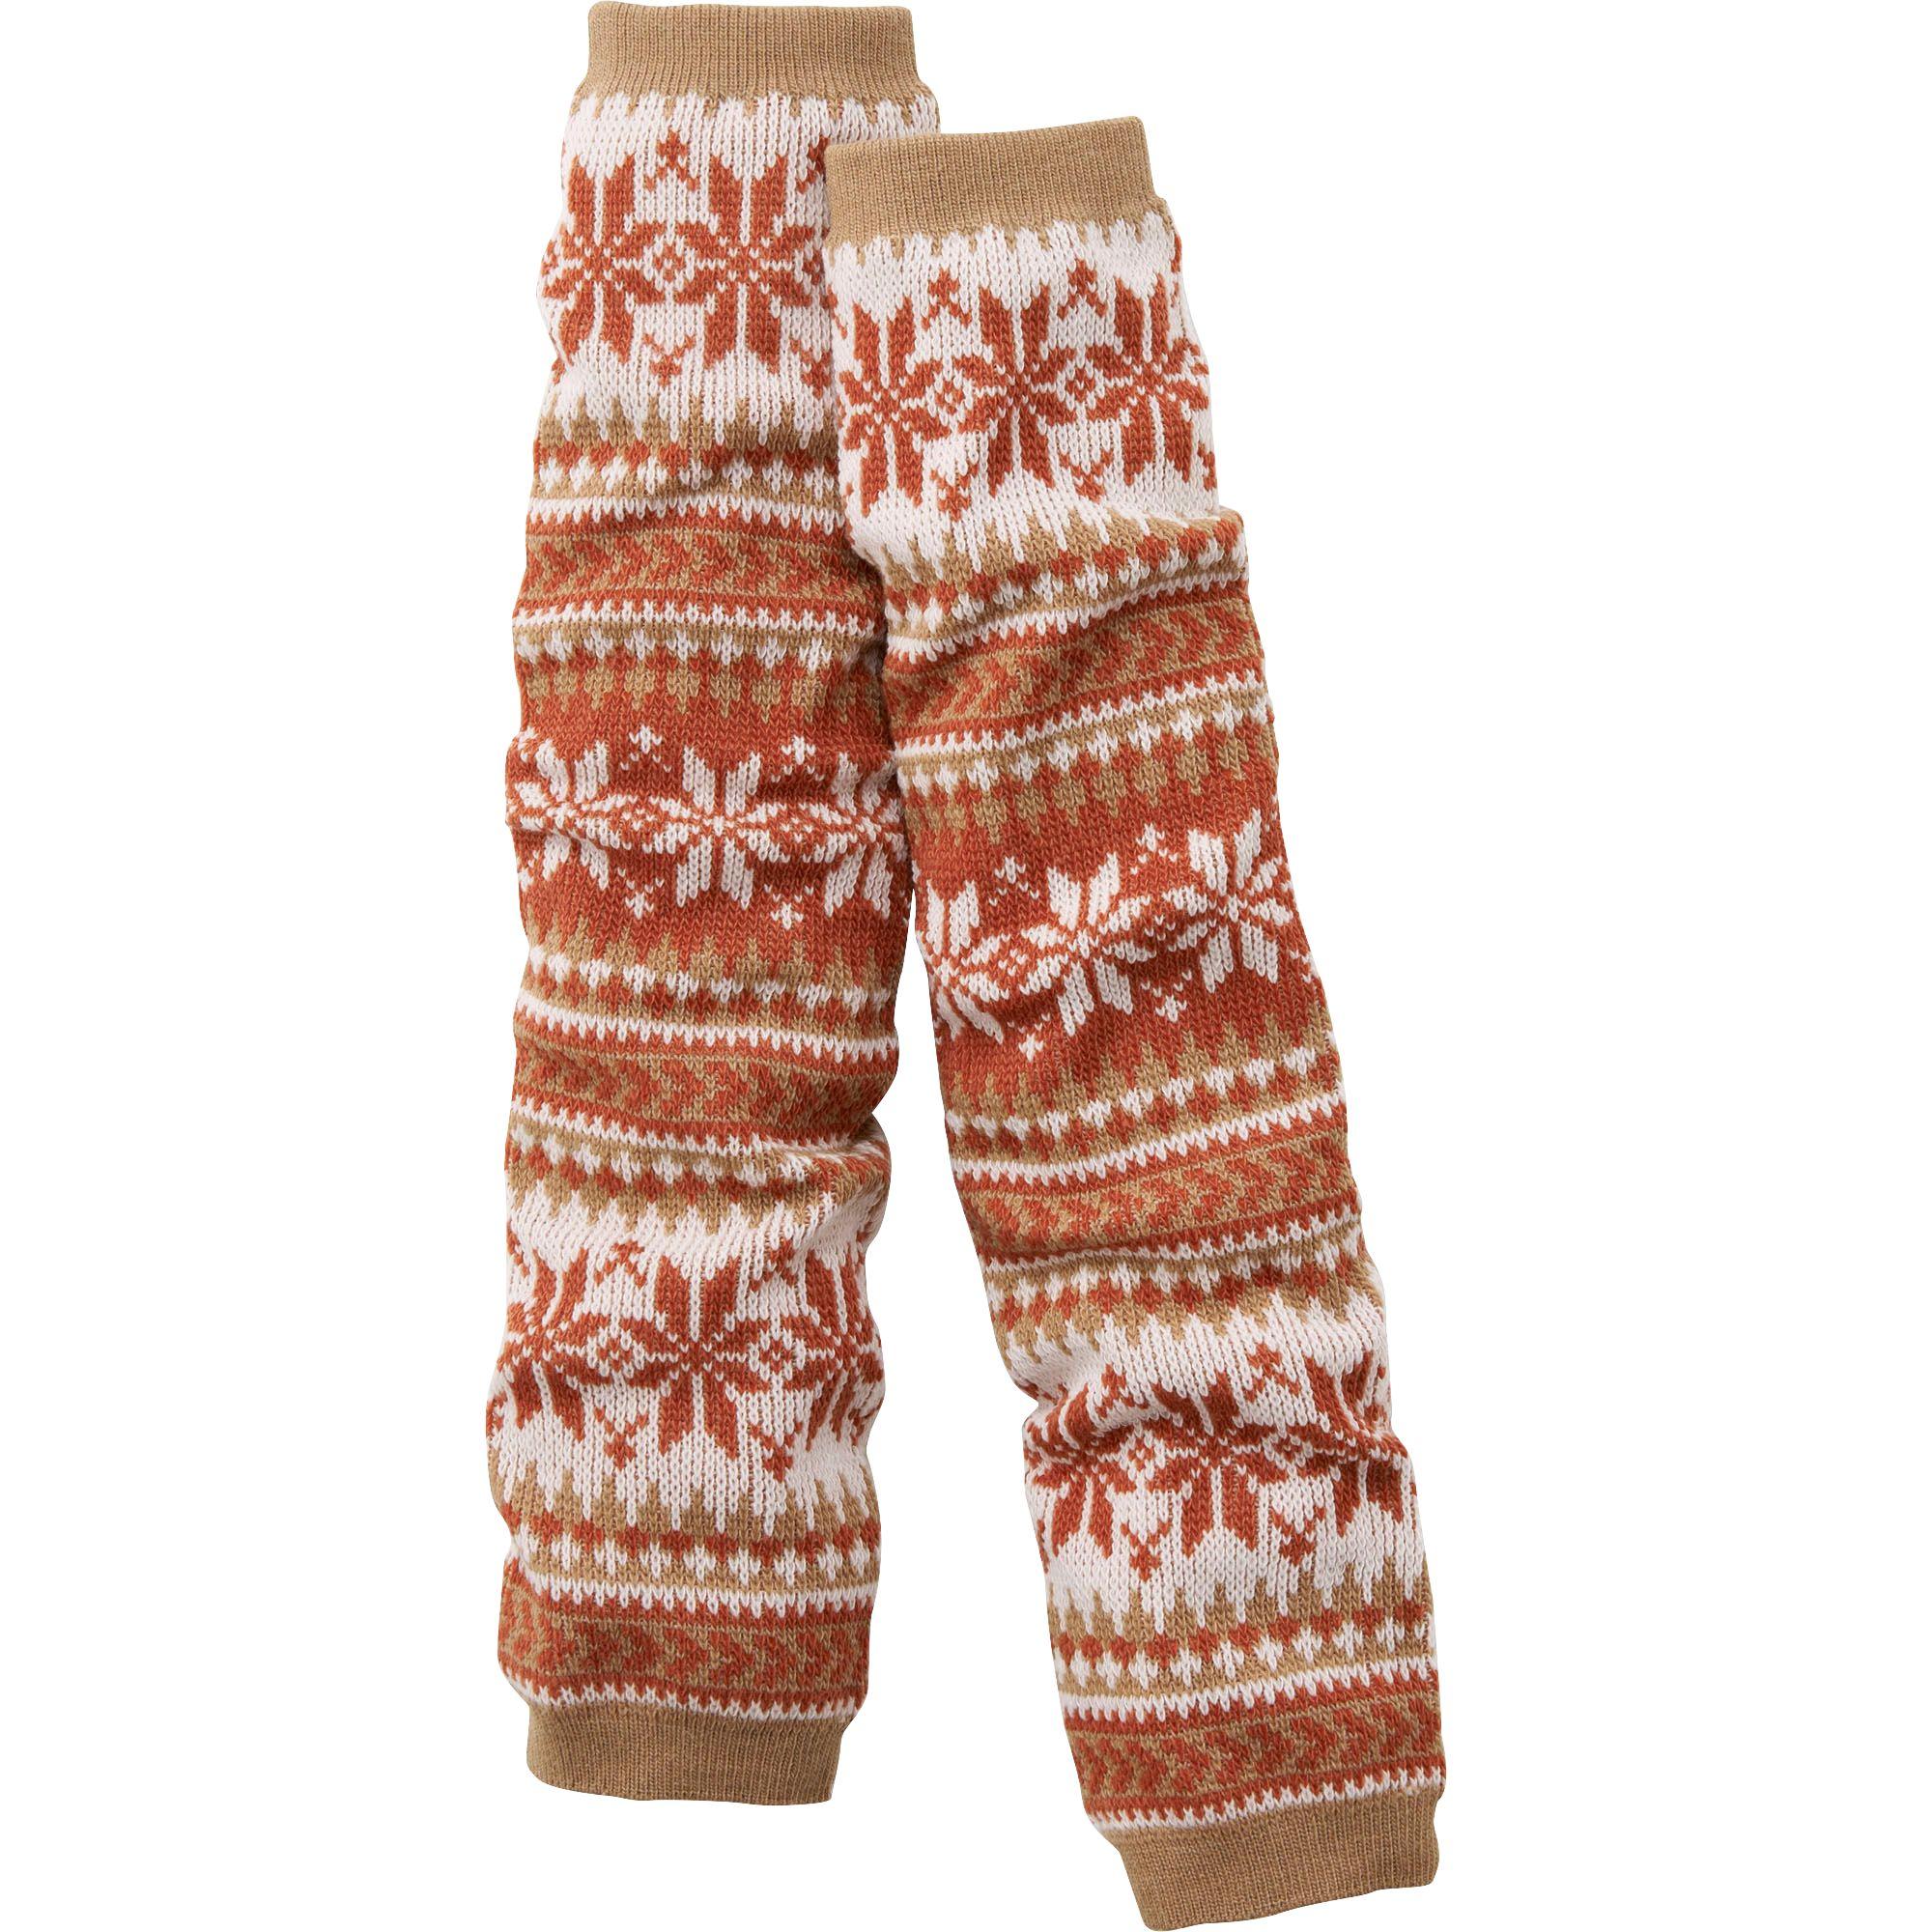 Uniqlo Women Heattech Knitted Leg Warmers (Snow) In Beige ...